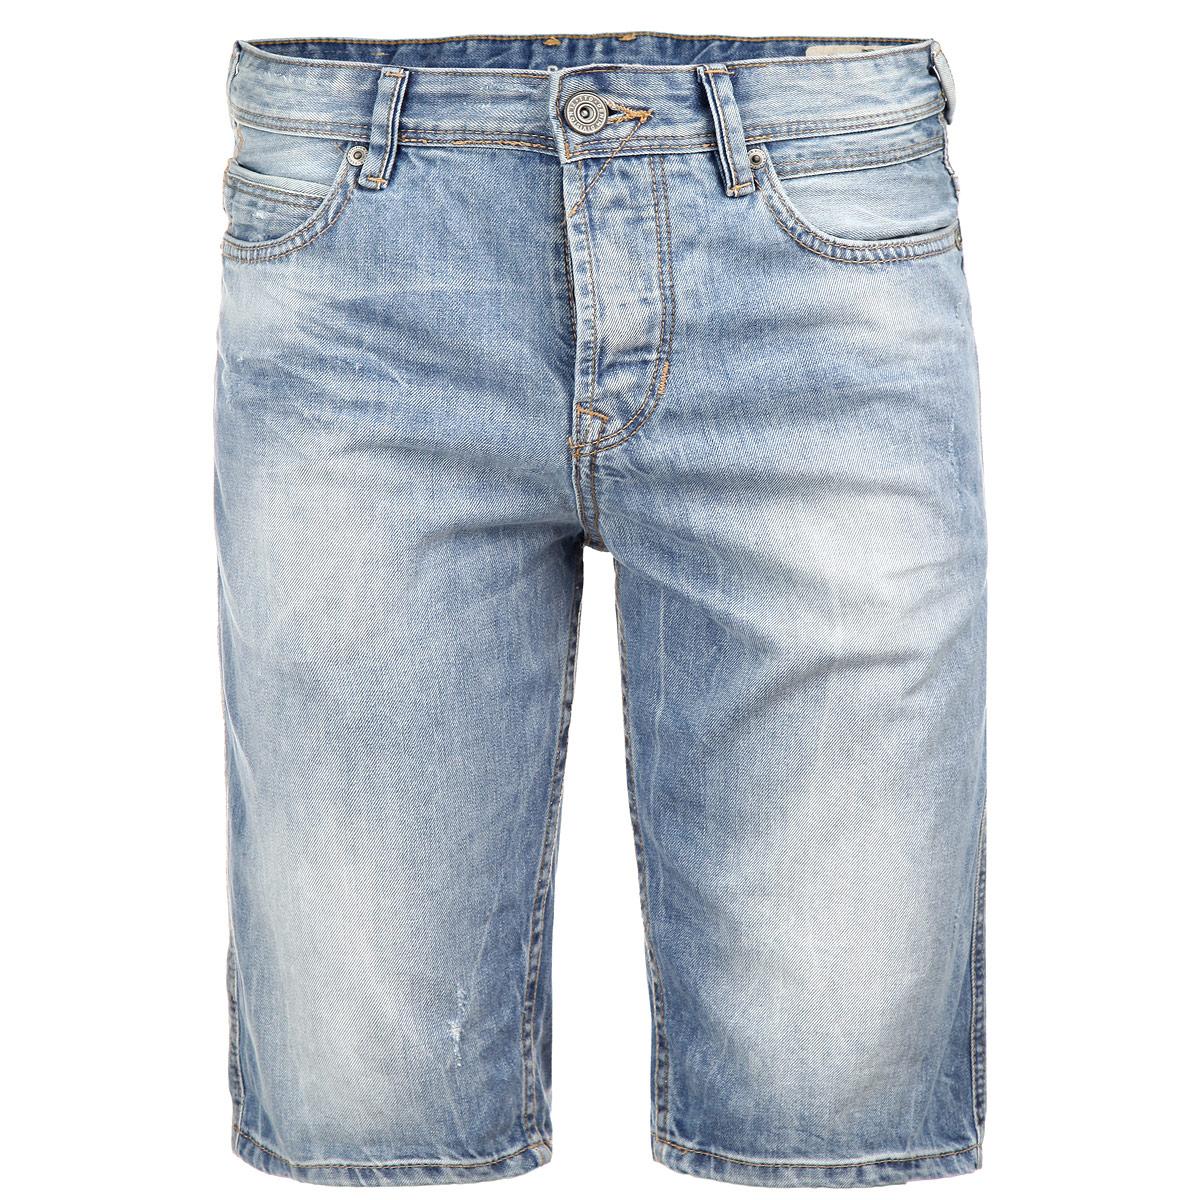 Шорты мужские. 6203054.99.126203054.99.12Мужские шорты Tom Tailor Denim классического кроя станут отличным дополнением к вашему современному образу. Модель с ширинкой на застежке-молнии застегивается на пуговицу. Шорты имеют классический пятикарманный крой: спереди модель оформлены двумя втачными карманами и одним маленьким прорезным кармашком, а сзади - двумя накладными карманами. На поясе имеются шлевки для ремня. Шорты украшены декоративными потертостями, придающими им стильный вид. Эти модные шорты послужат отличным дополнением к вашему гардеробу. В них вы всегда будете чувствовать себя уверенно и комфортно.